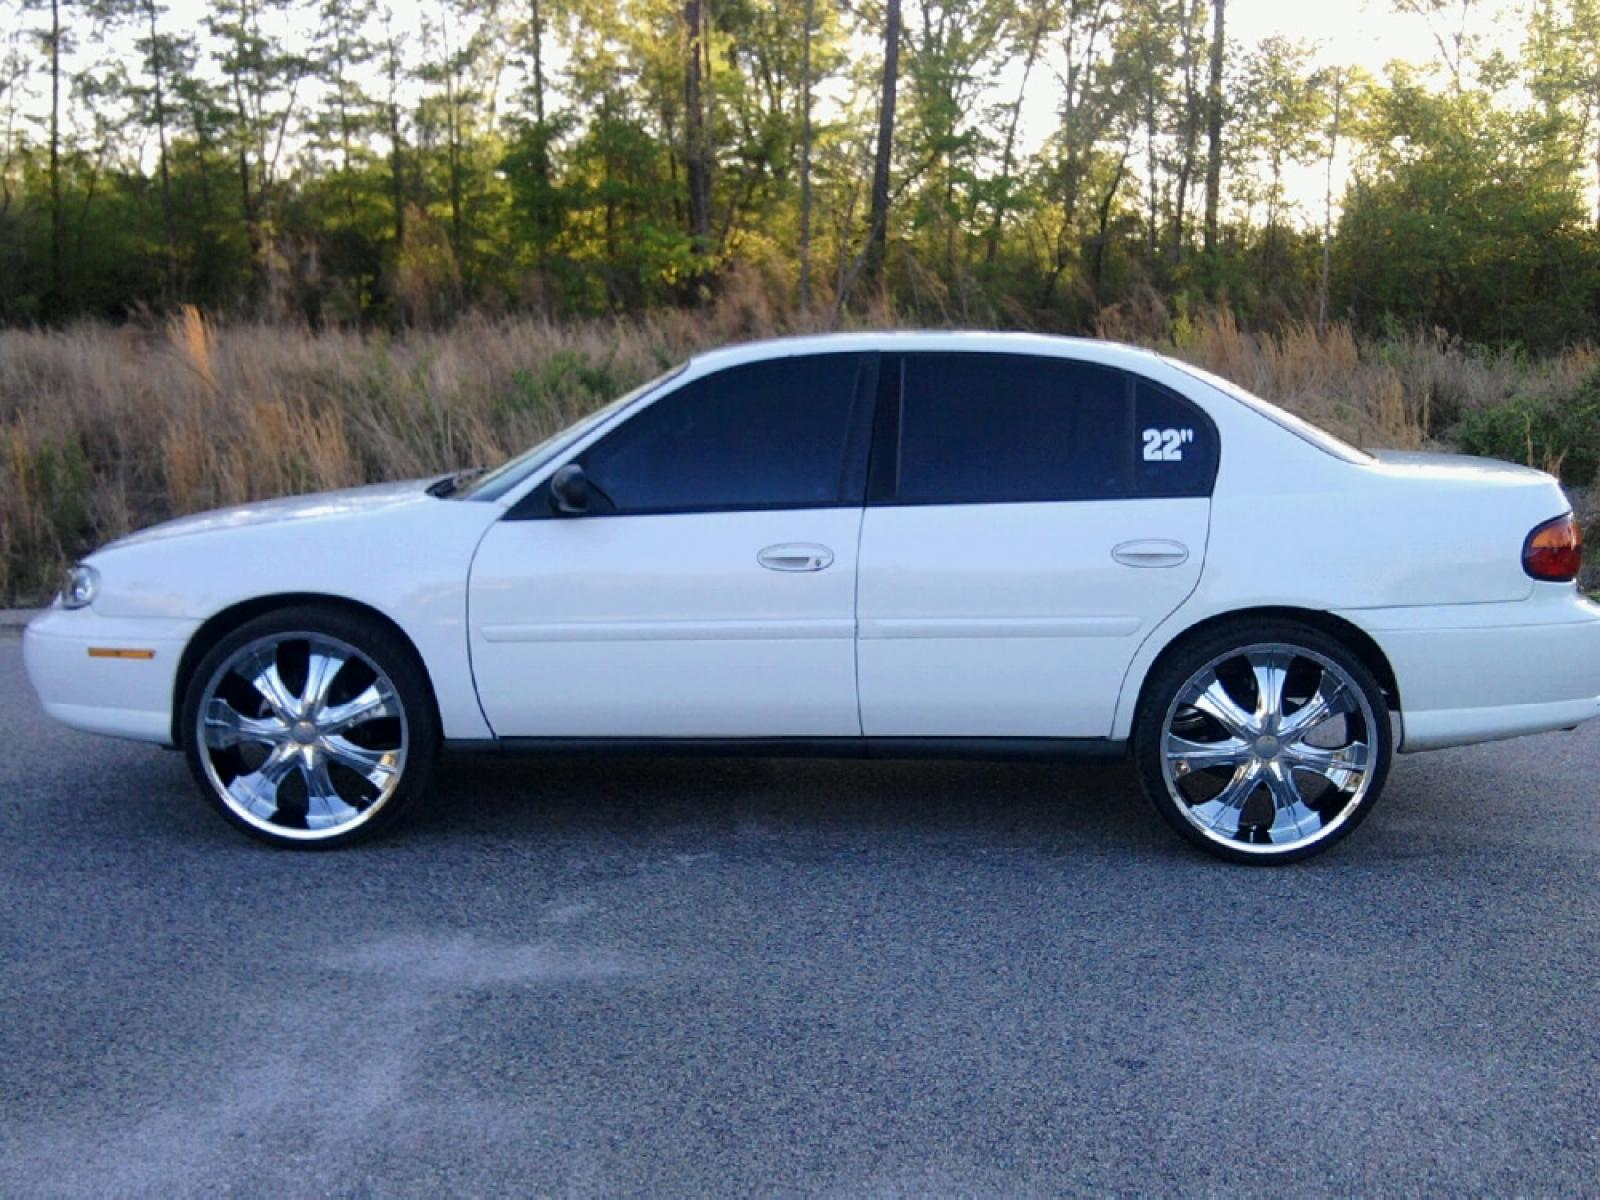 2003 Chevrolet Malibu 8